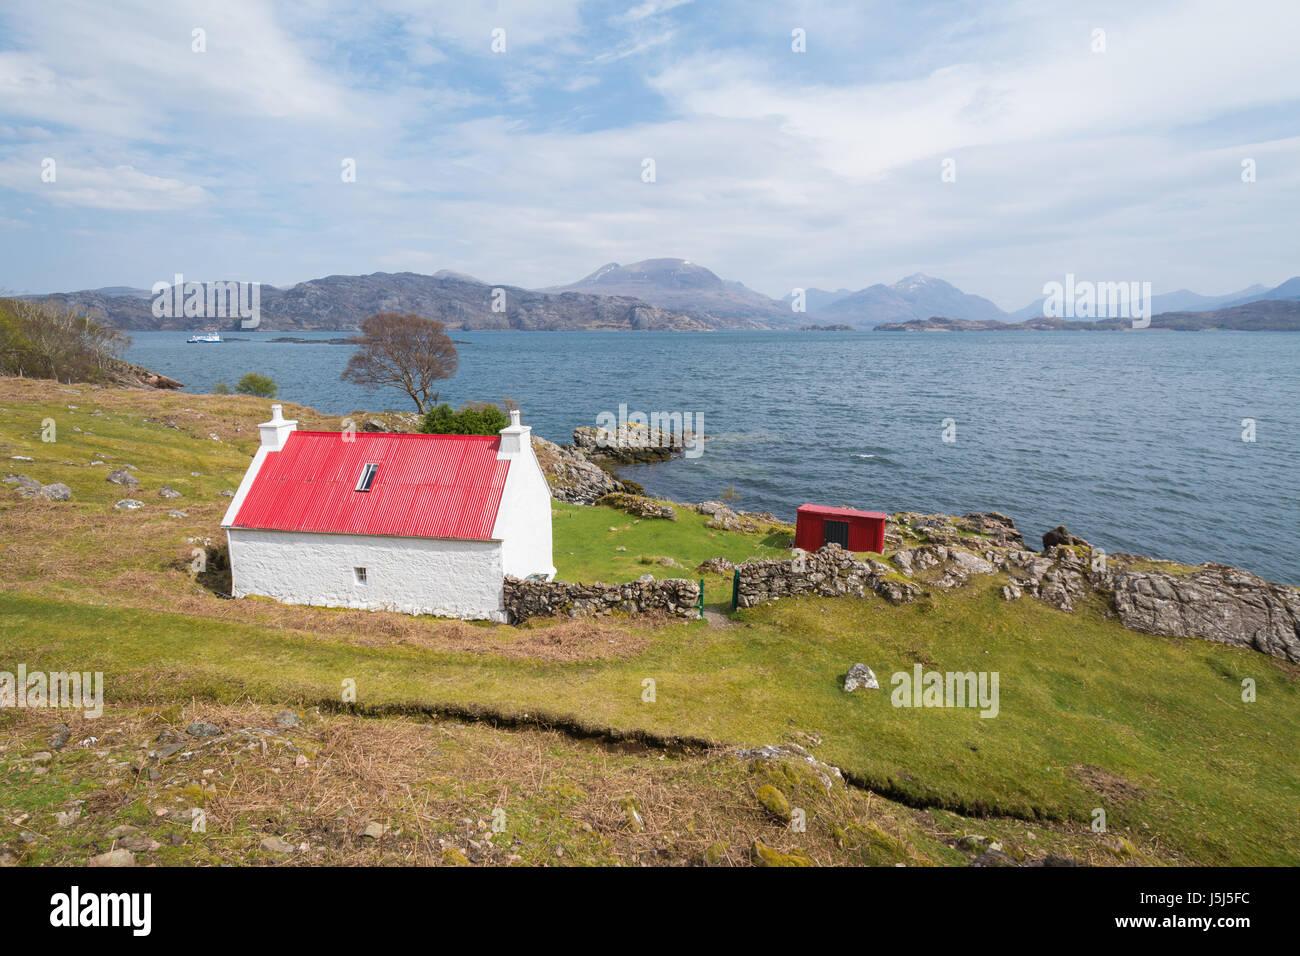 Cottage bianco rosso tetto sulla costa nord 500 route - Loch Shieldaig, vicino Ardheslaig, Torrison, Highland, Scozia Immagini Stock